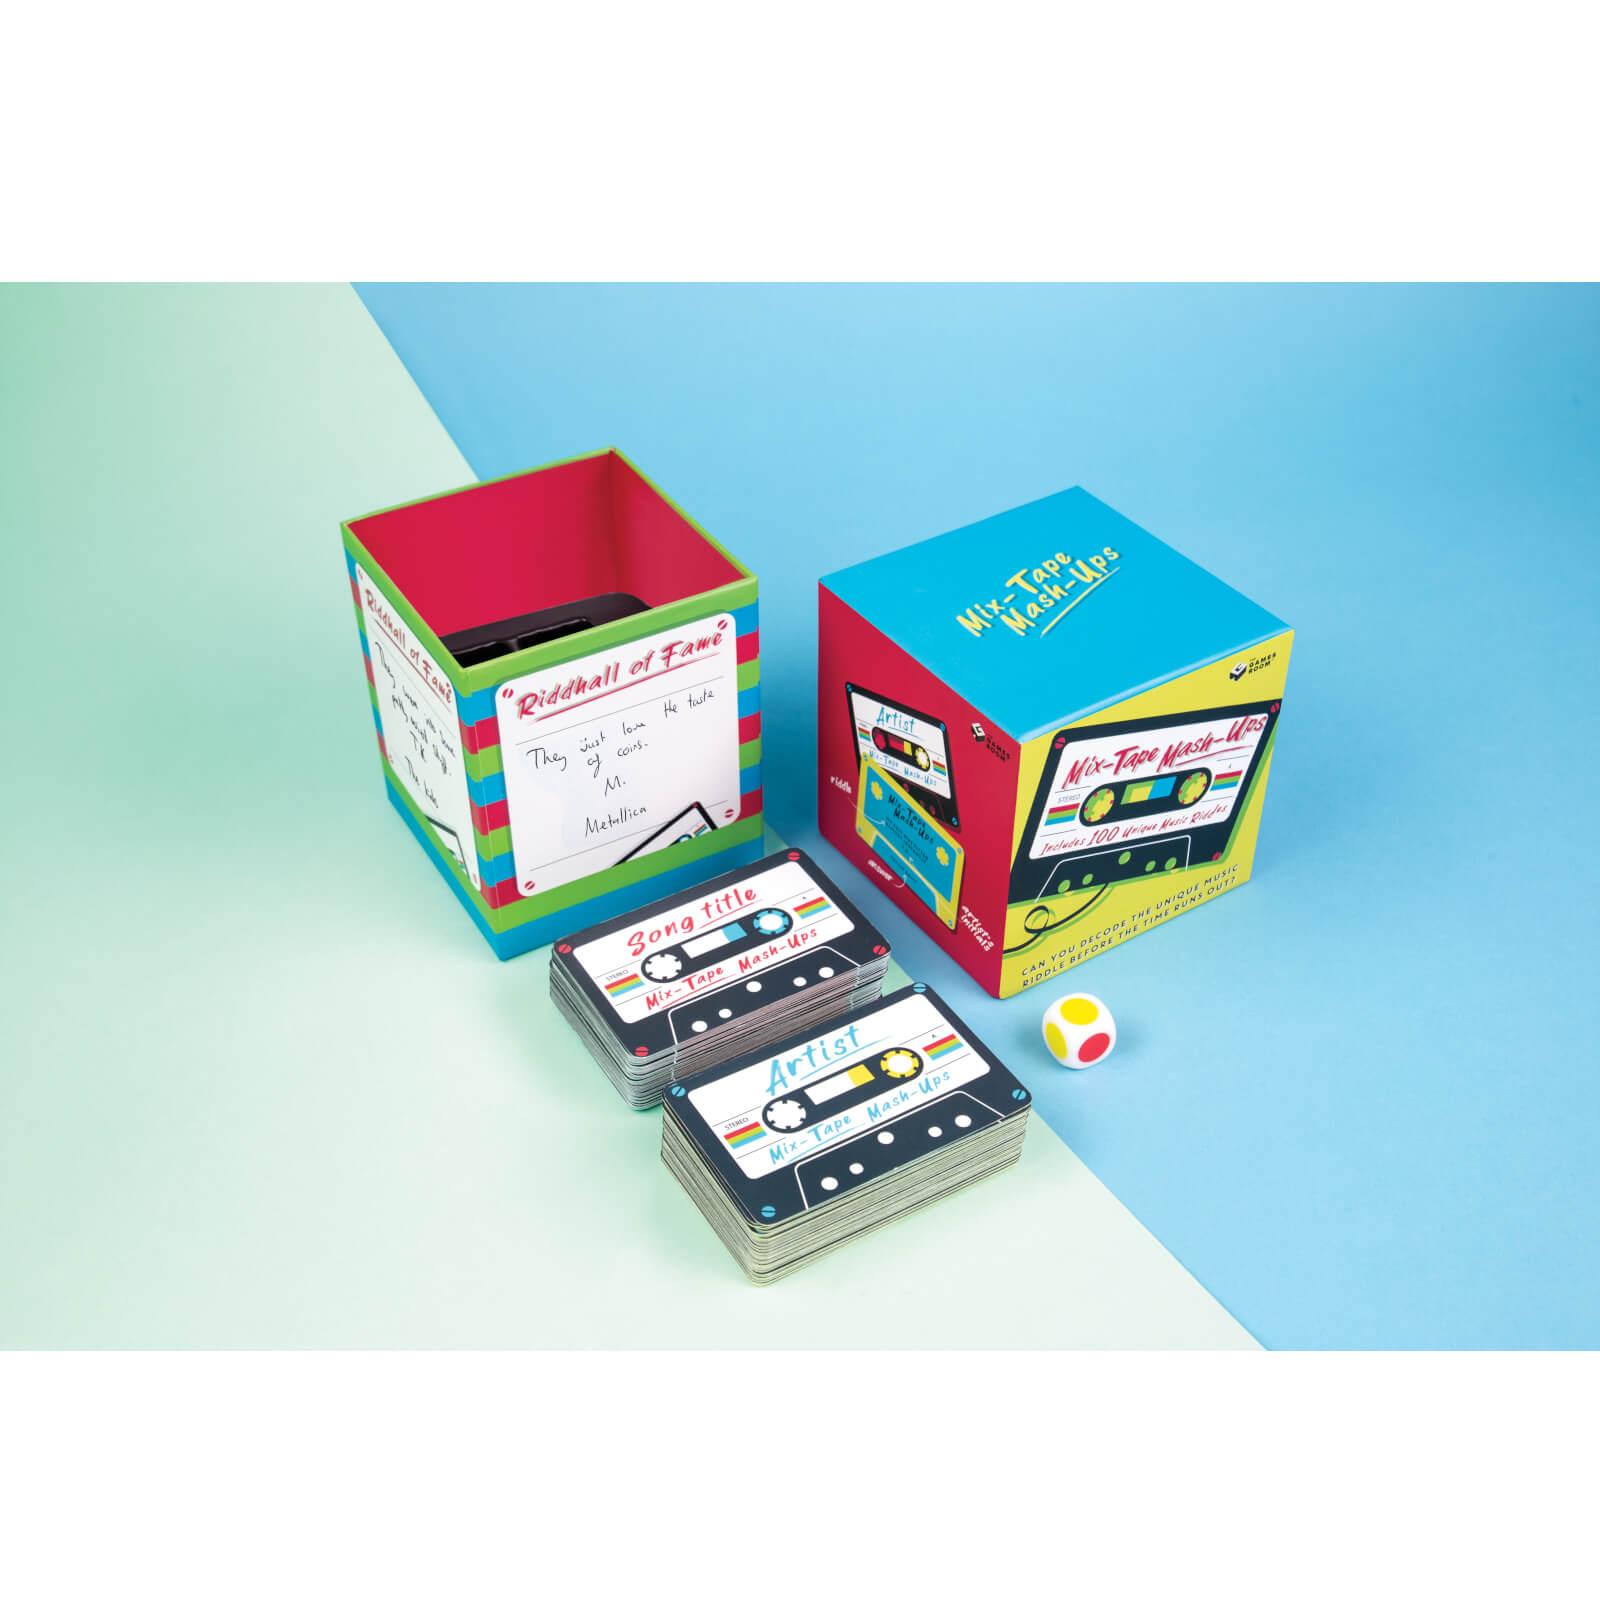 Image of Mix Tape Mash Ups Game